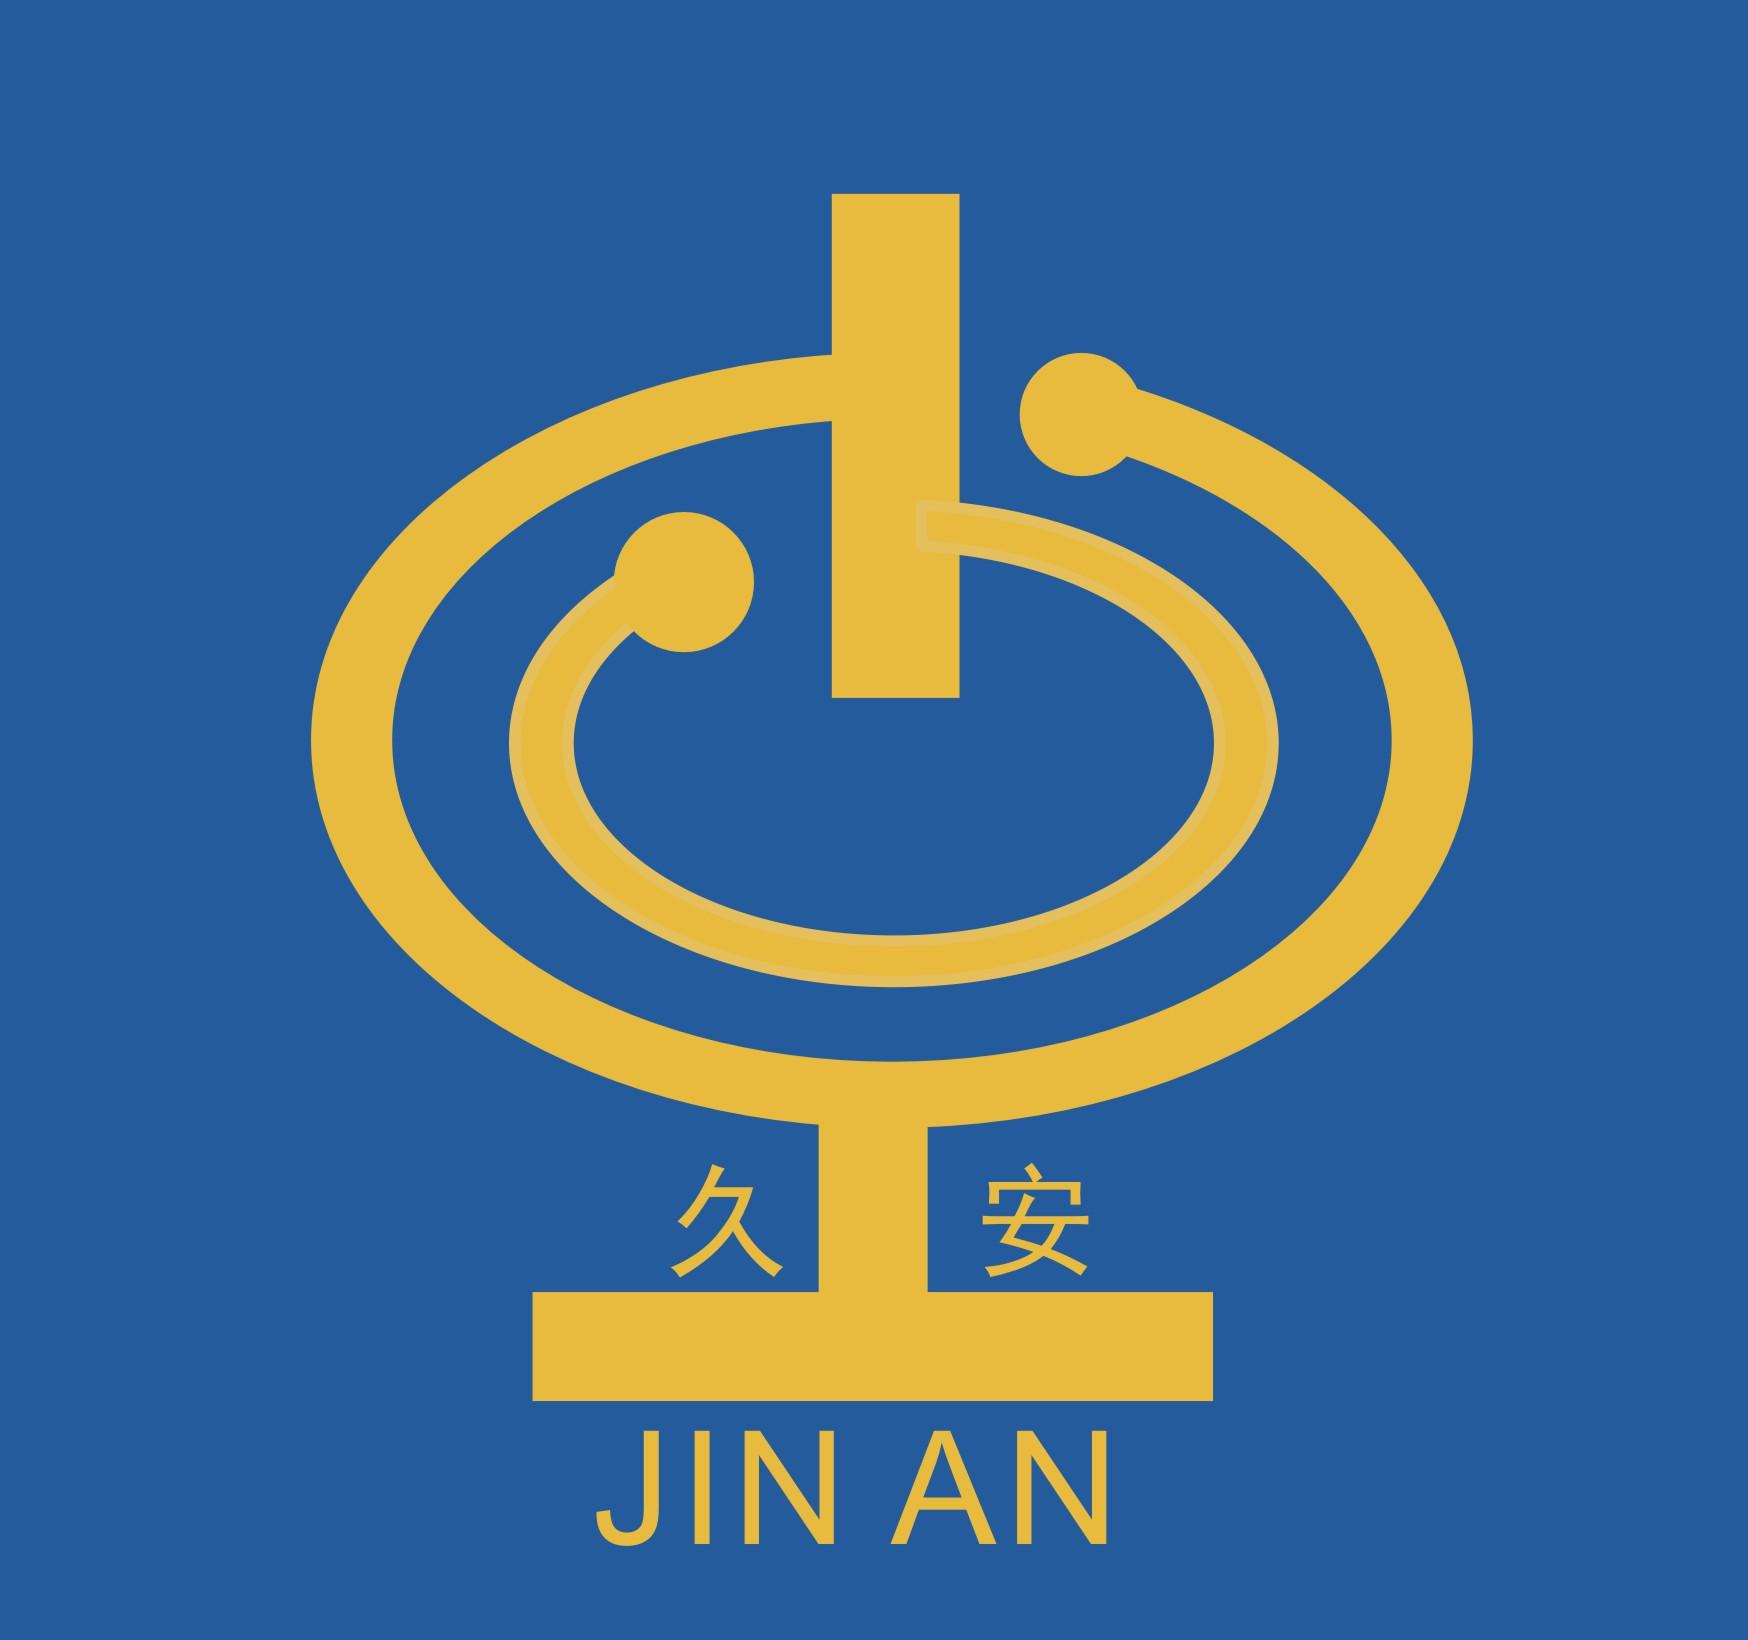 江西信安钢结构logo